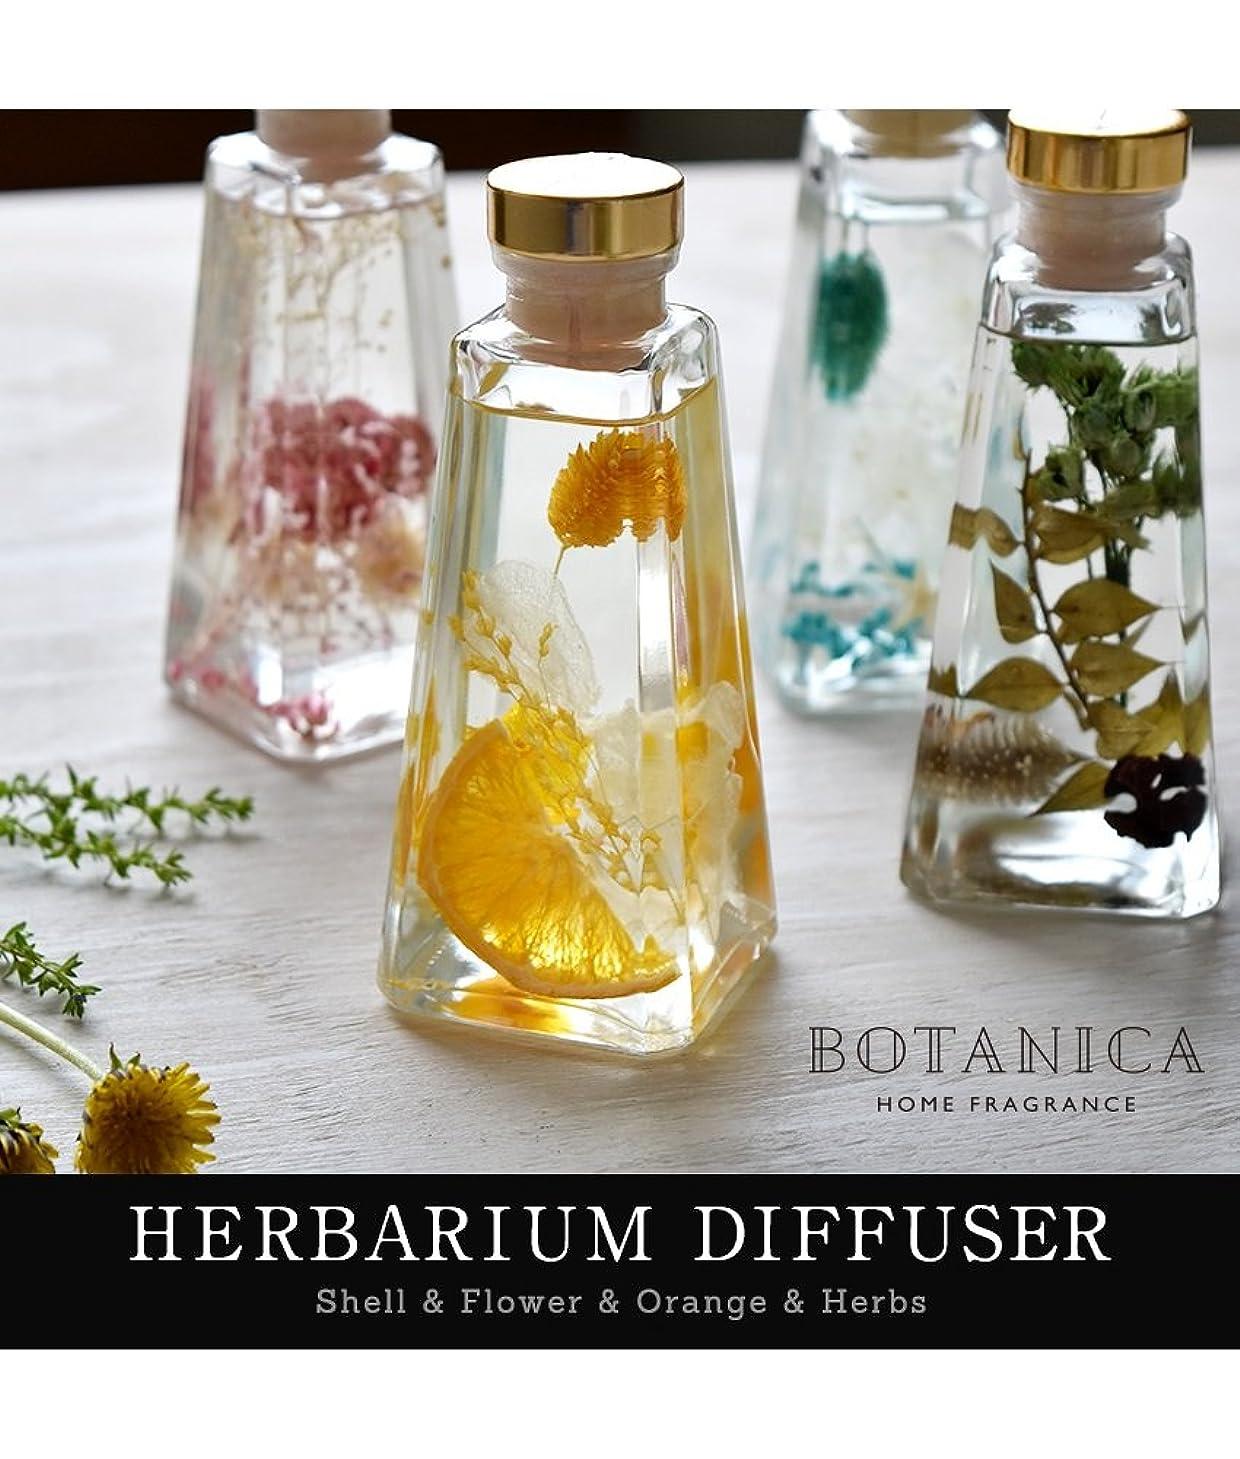 スマッシュインタビュー雑種ボタニカ ハーバリウム ディフューザー 【グリーン/Neat Herbs】 ホームフレグランス